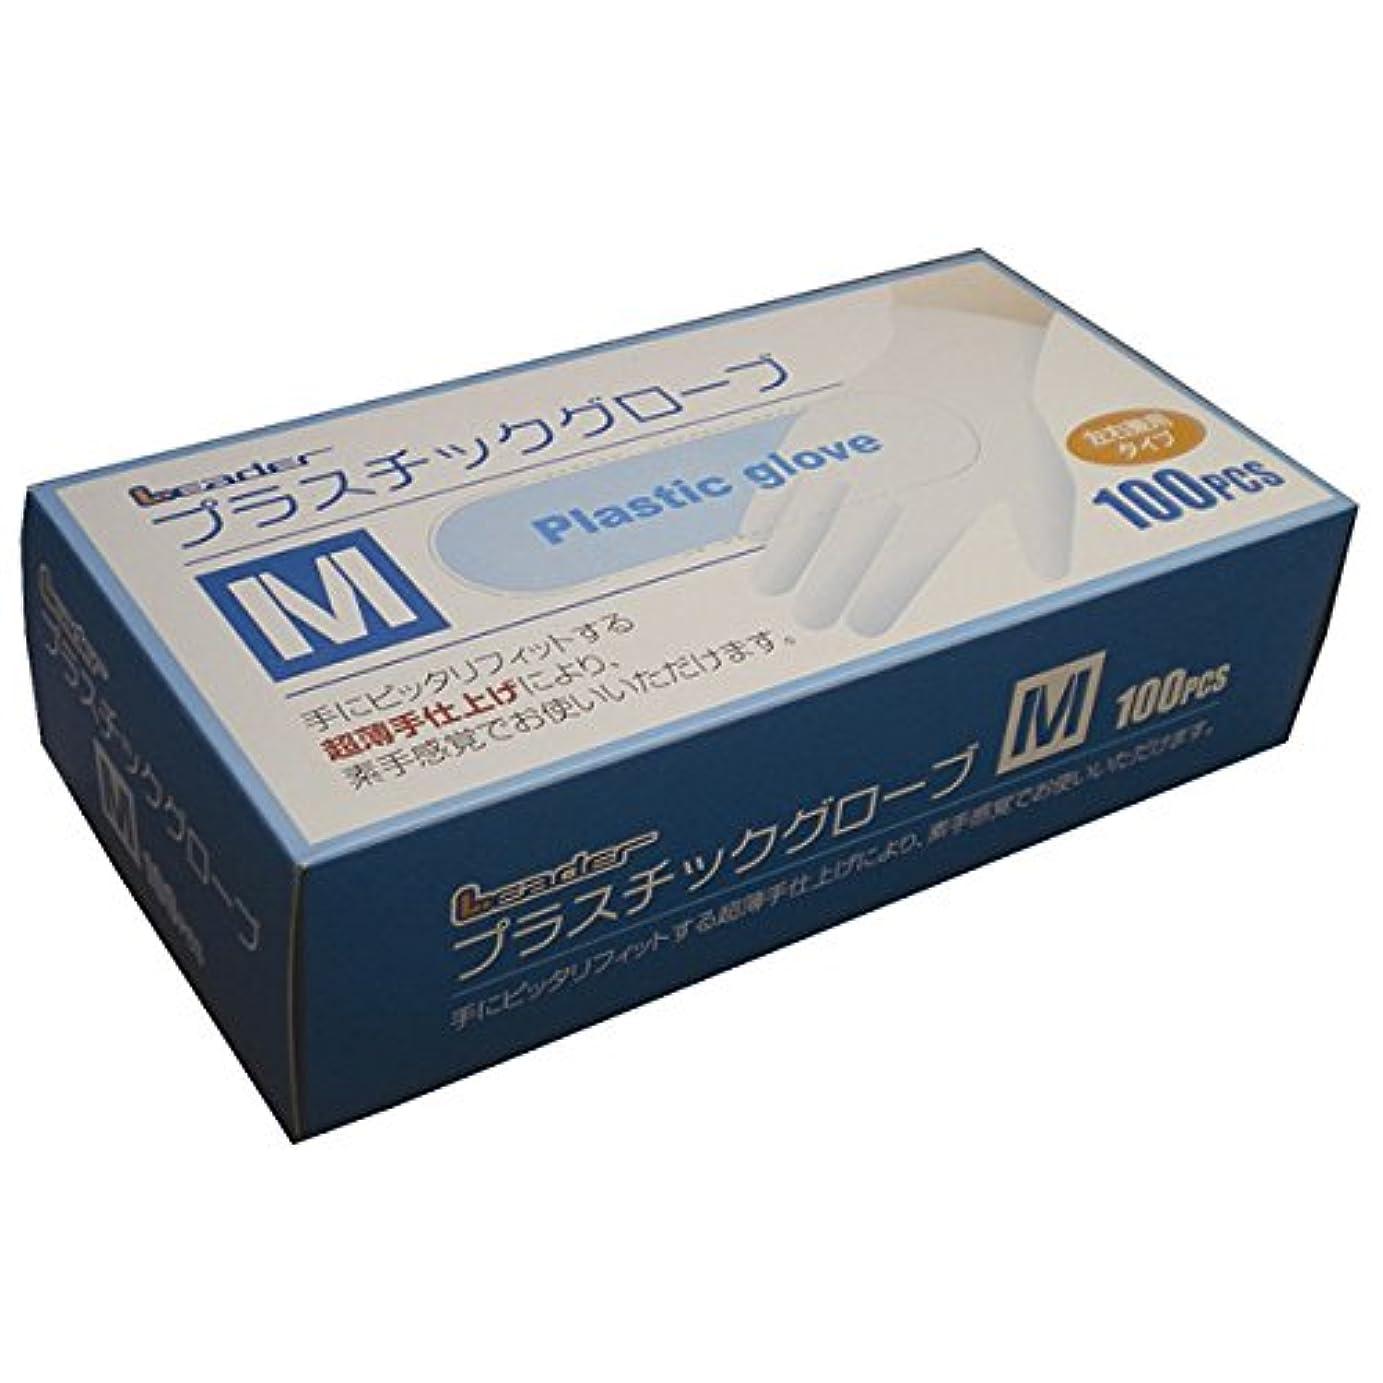 修道院家主歴史日進医療器株式会社:LEプラスチックグローブMサイズ100P 10個入 784492